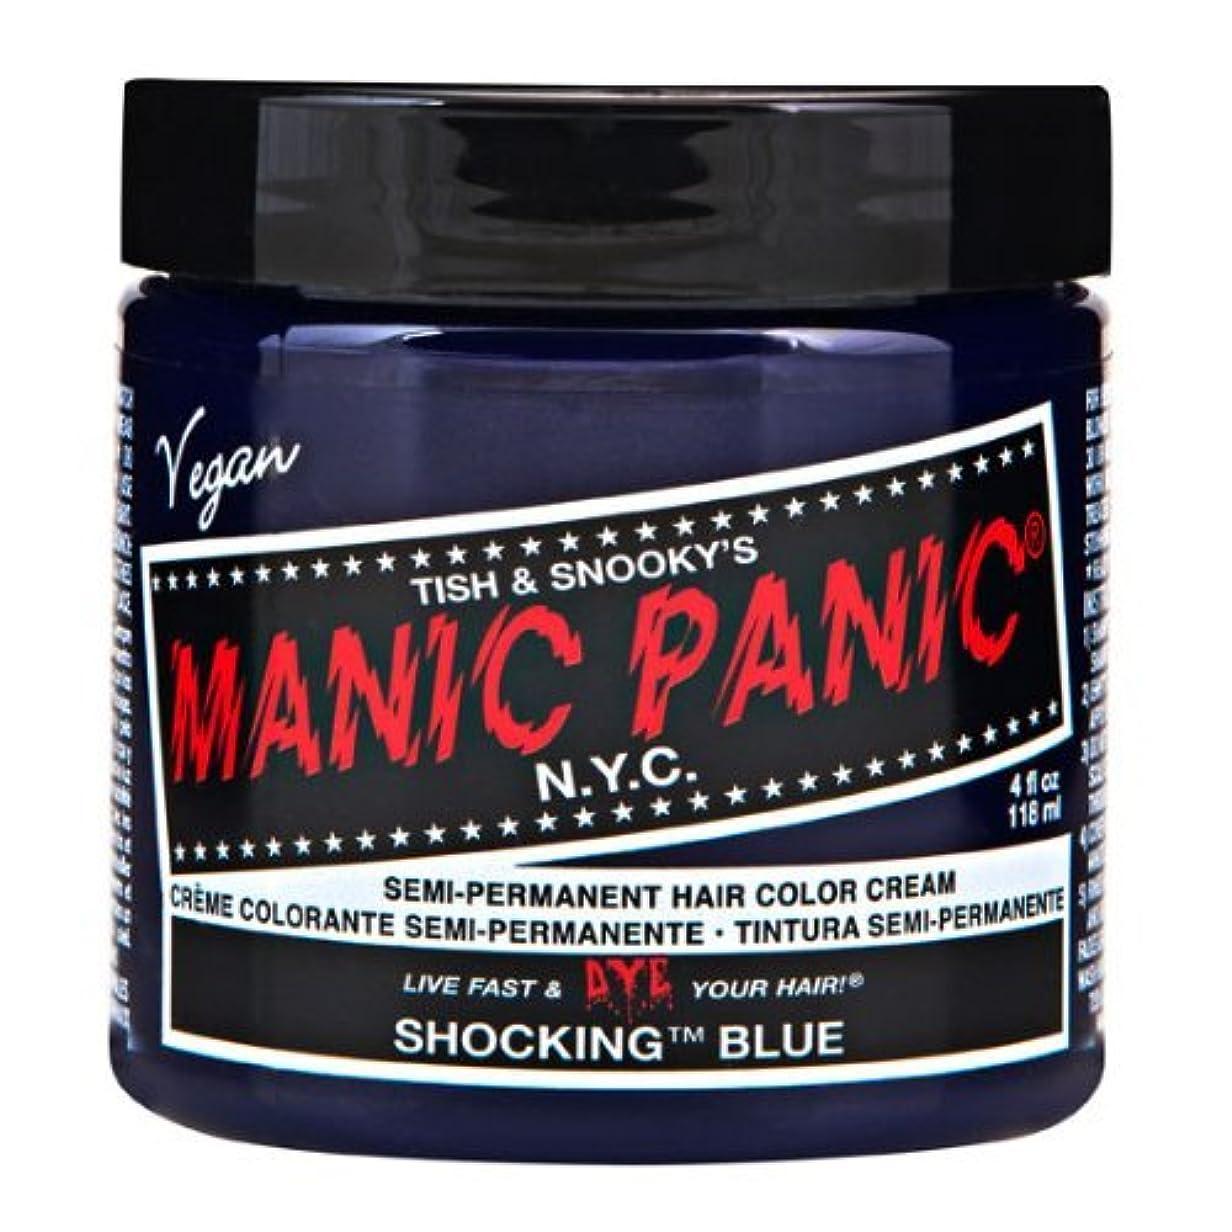 抽出商品怠惰マニックパニック MANIC PANIC ヘアカラー 118mlショッキングブルー ヘアーカラー